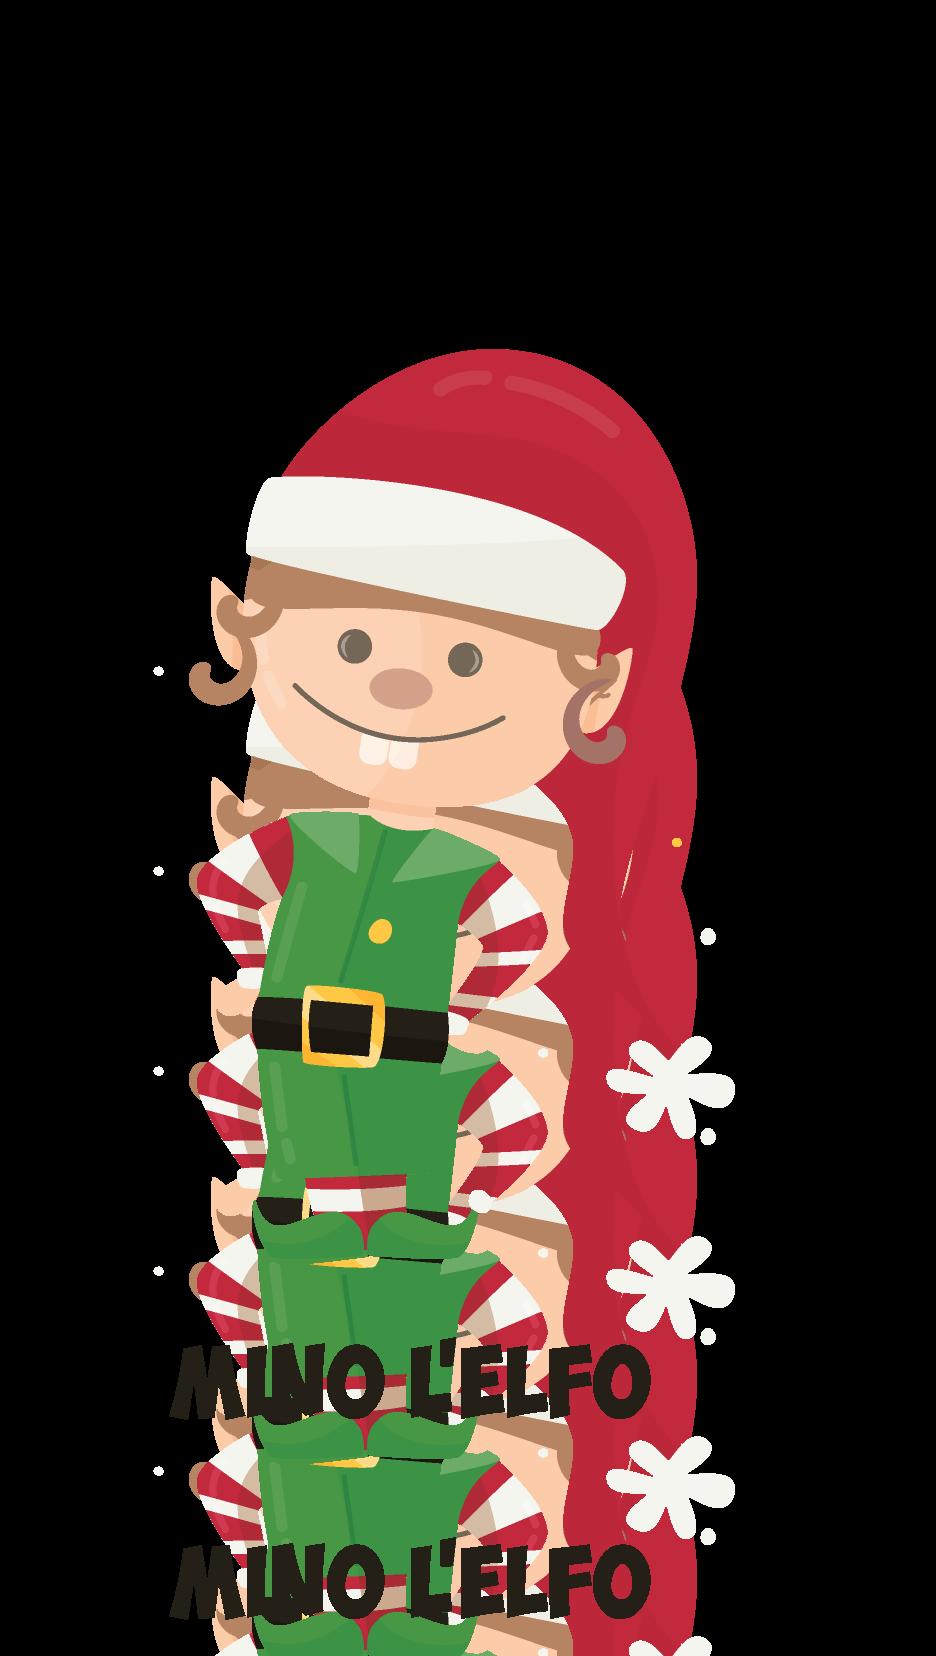 Aiutante Di Babbo Natale.Ecco I Personaggi Del Bosco Di Babbo Natale Il Bosco Di Babbo Natale